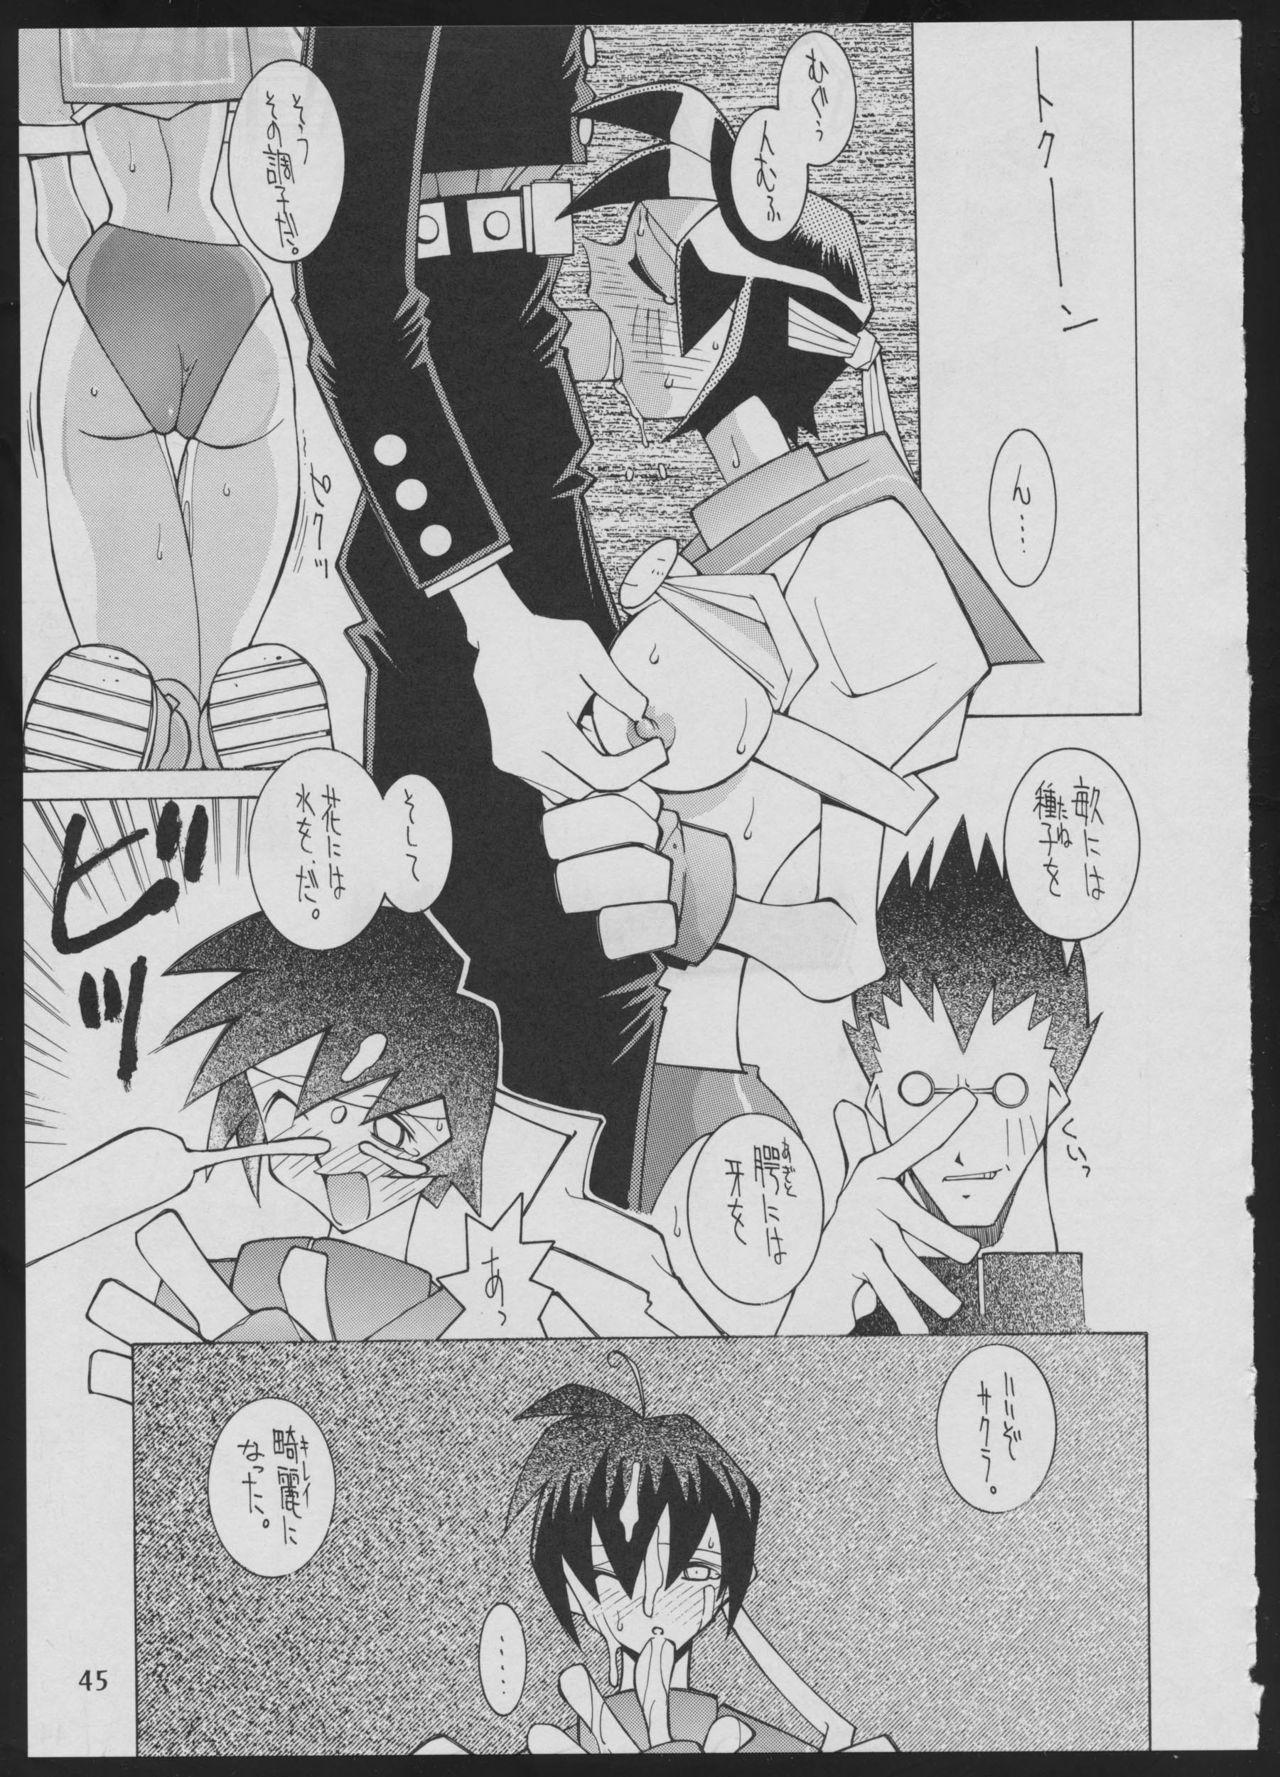 '96 Natsu no Game 18-kin Special 44